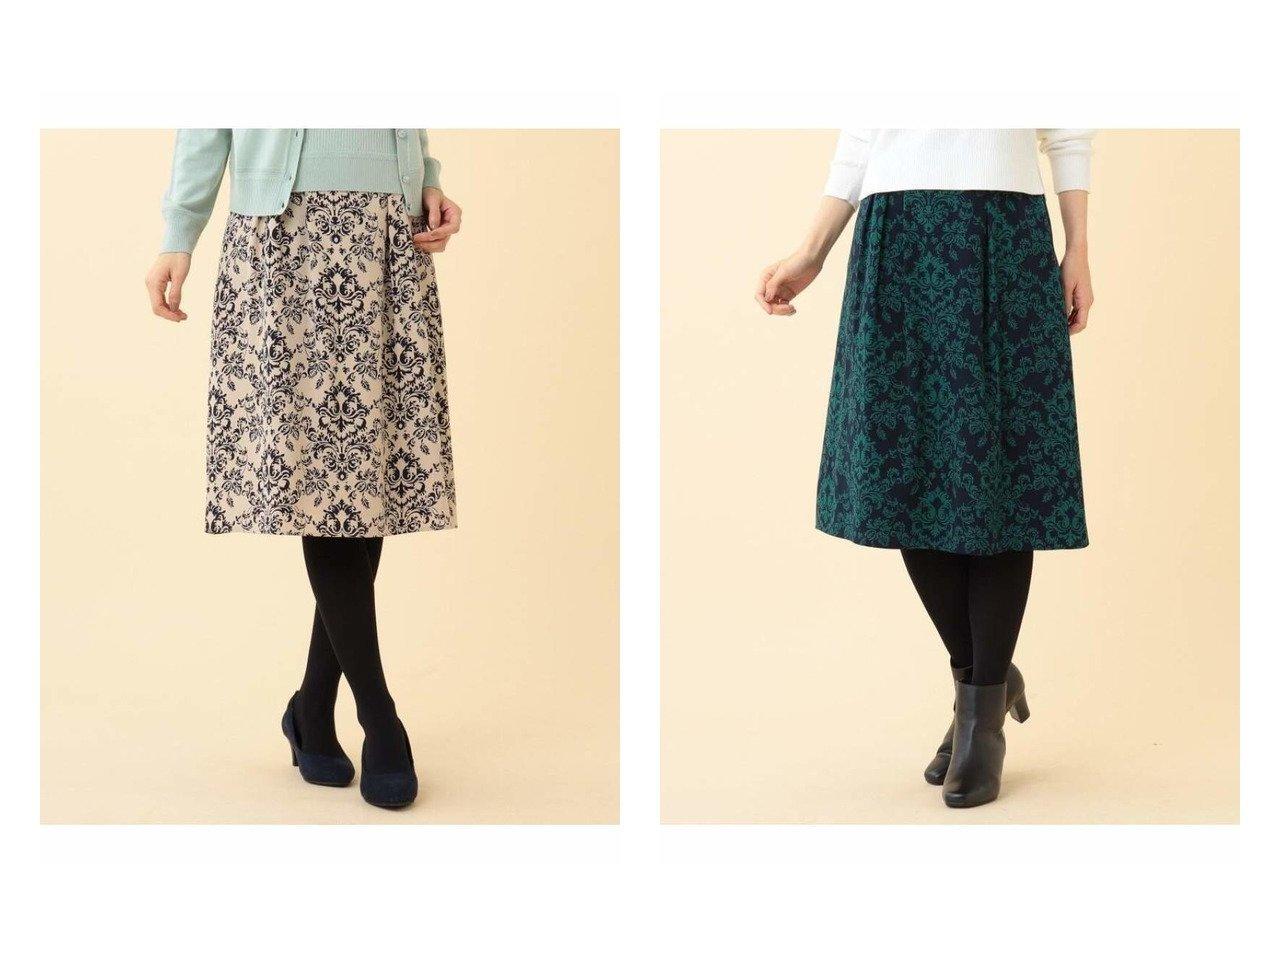 【Reflect/リフレクト】のアラベスク柄フレアスカート スカートのおすすめ!人気、トレンド・レディースファッションの通販 おすすめで人気の流行・トレンド、ファッションの通販商品 メンズファッション・キッズファッション・インテリア・家具・レディースファッション・服の通販 founy(ファニー) https://founy.com/ ファッション Fashion レディースファッション WOMEN スカート Skirt Aライン/フレアスカート Flared A-Line Skirts なめらか アシンメトリー クラシック ピーチ フレア プリント |ID:crp329100000014442